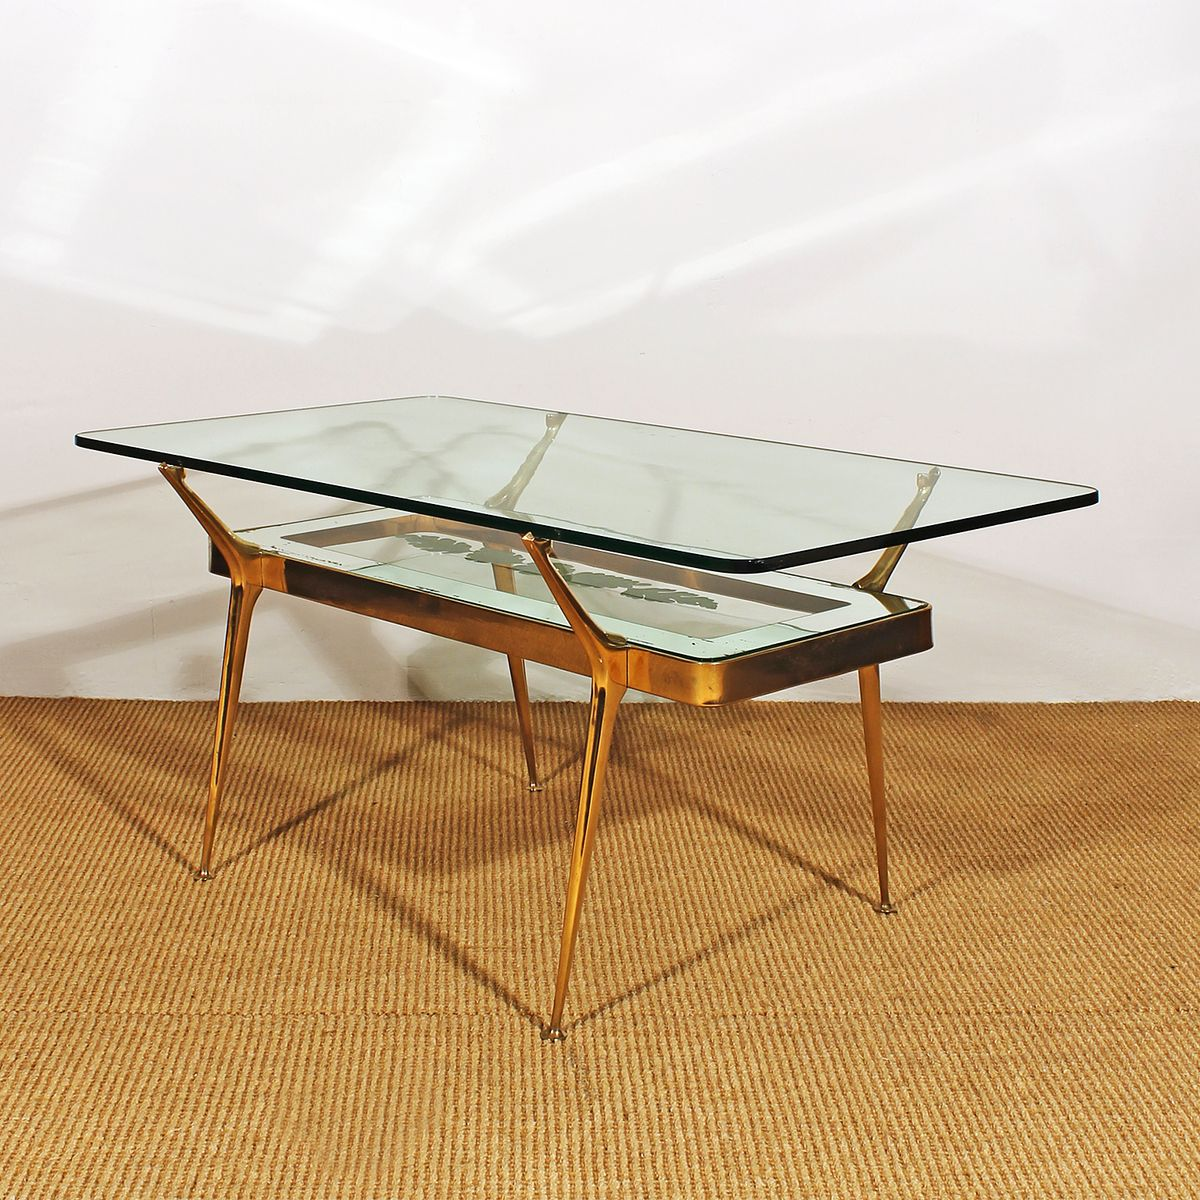 italienischer couchtisch aus glas messing 1950er bei. Black Bedroom Furniture Sets. Home Design Ideas